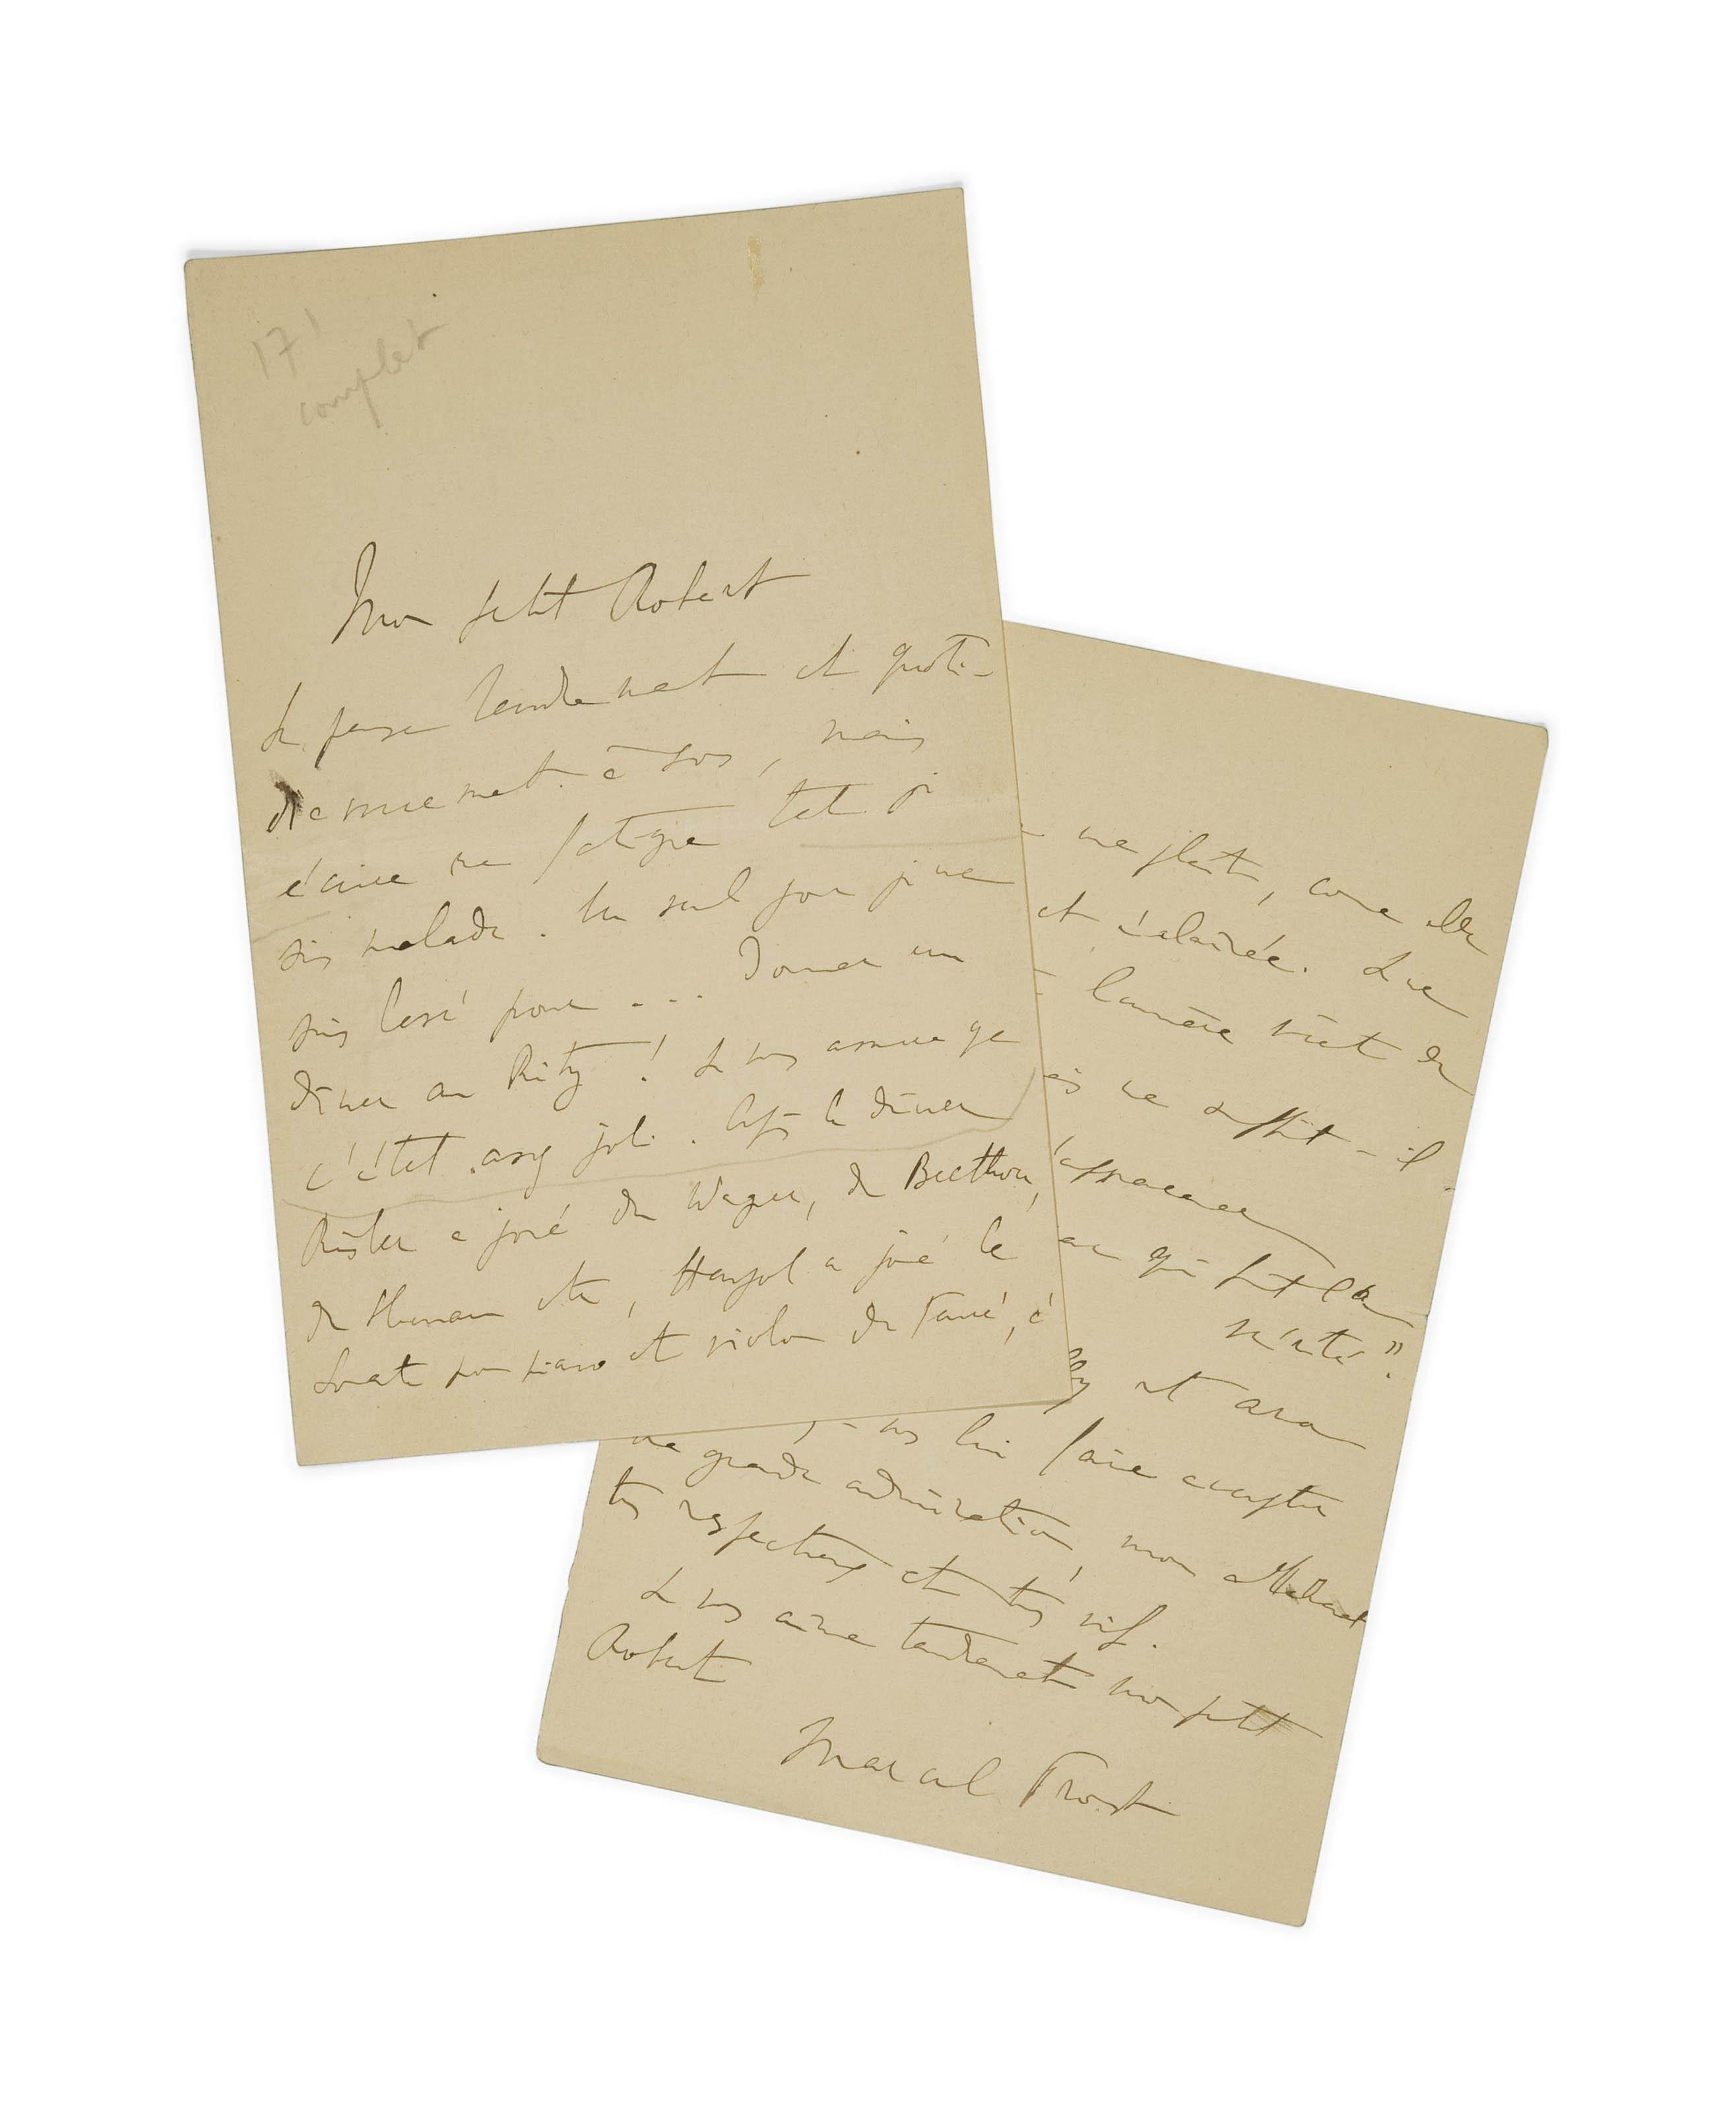 PROUST, Marcel (1871-1922). Lettre autographe à Robert de Billy, 5 pages in-8 (176 x 112 mm), signée, datant du mois de juillet 1907.